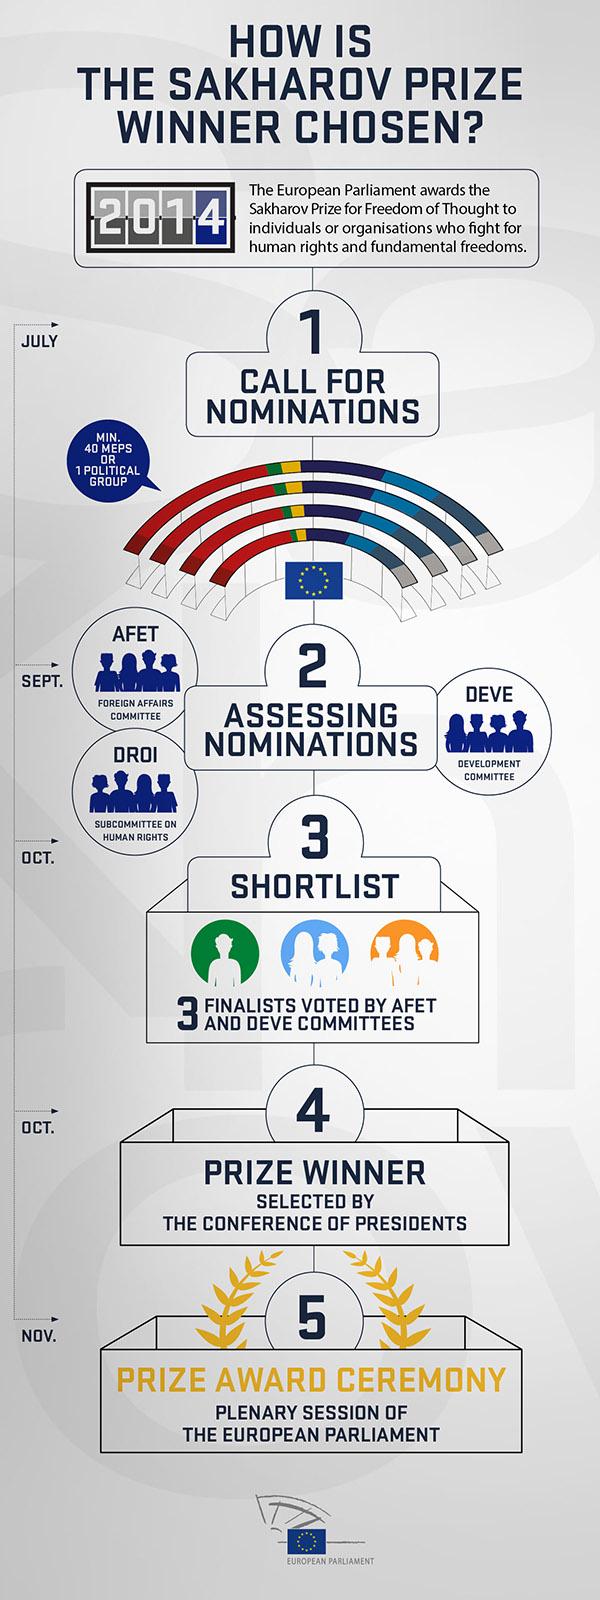 where do the european parliament meet